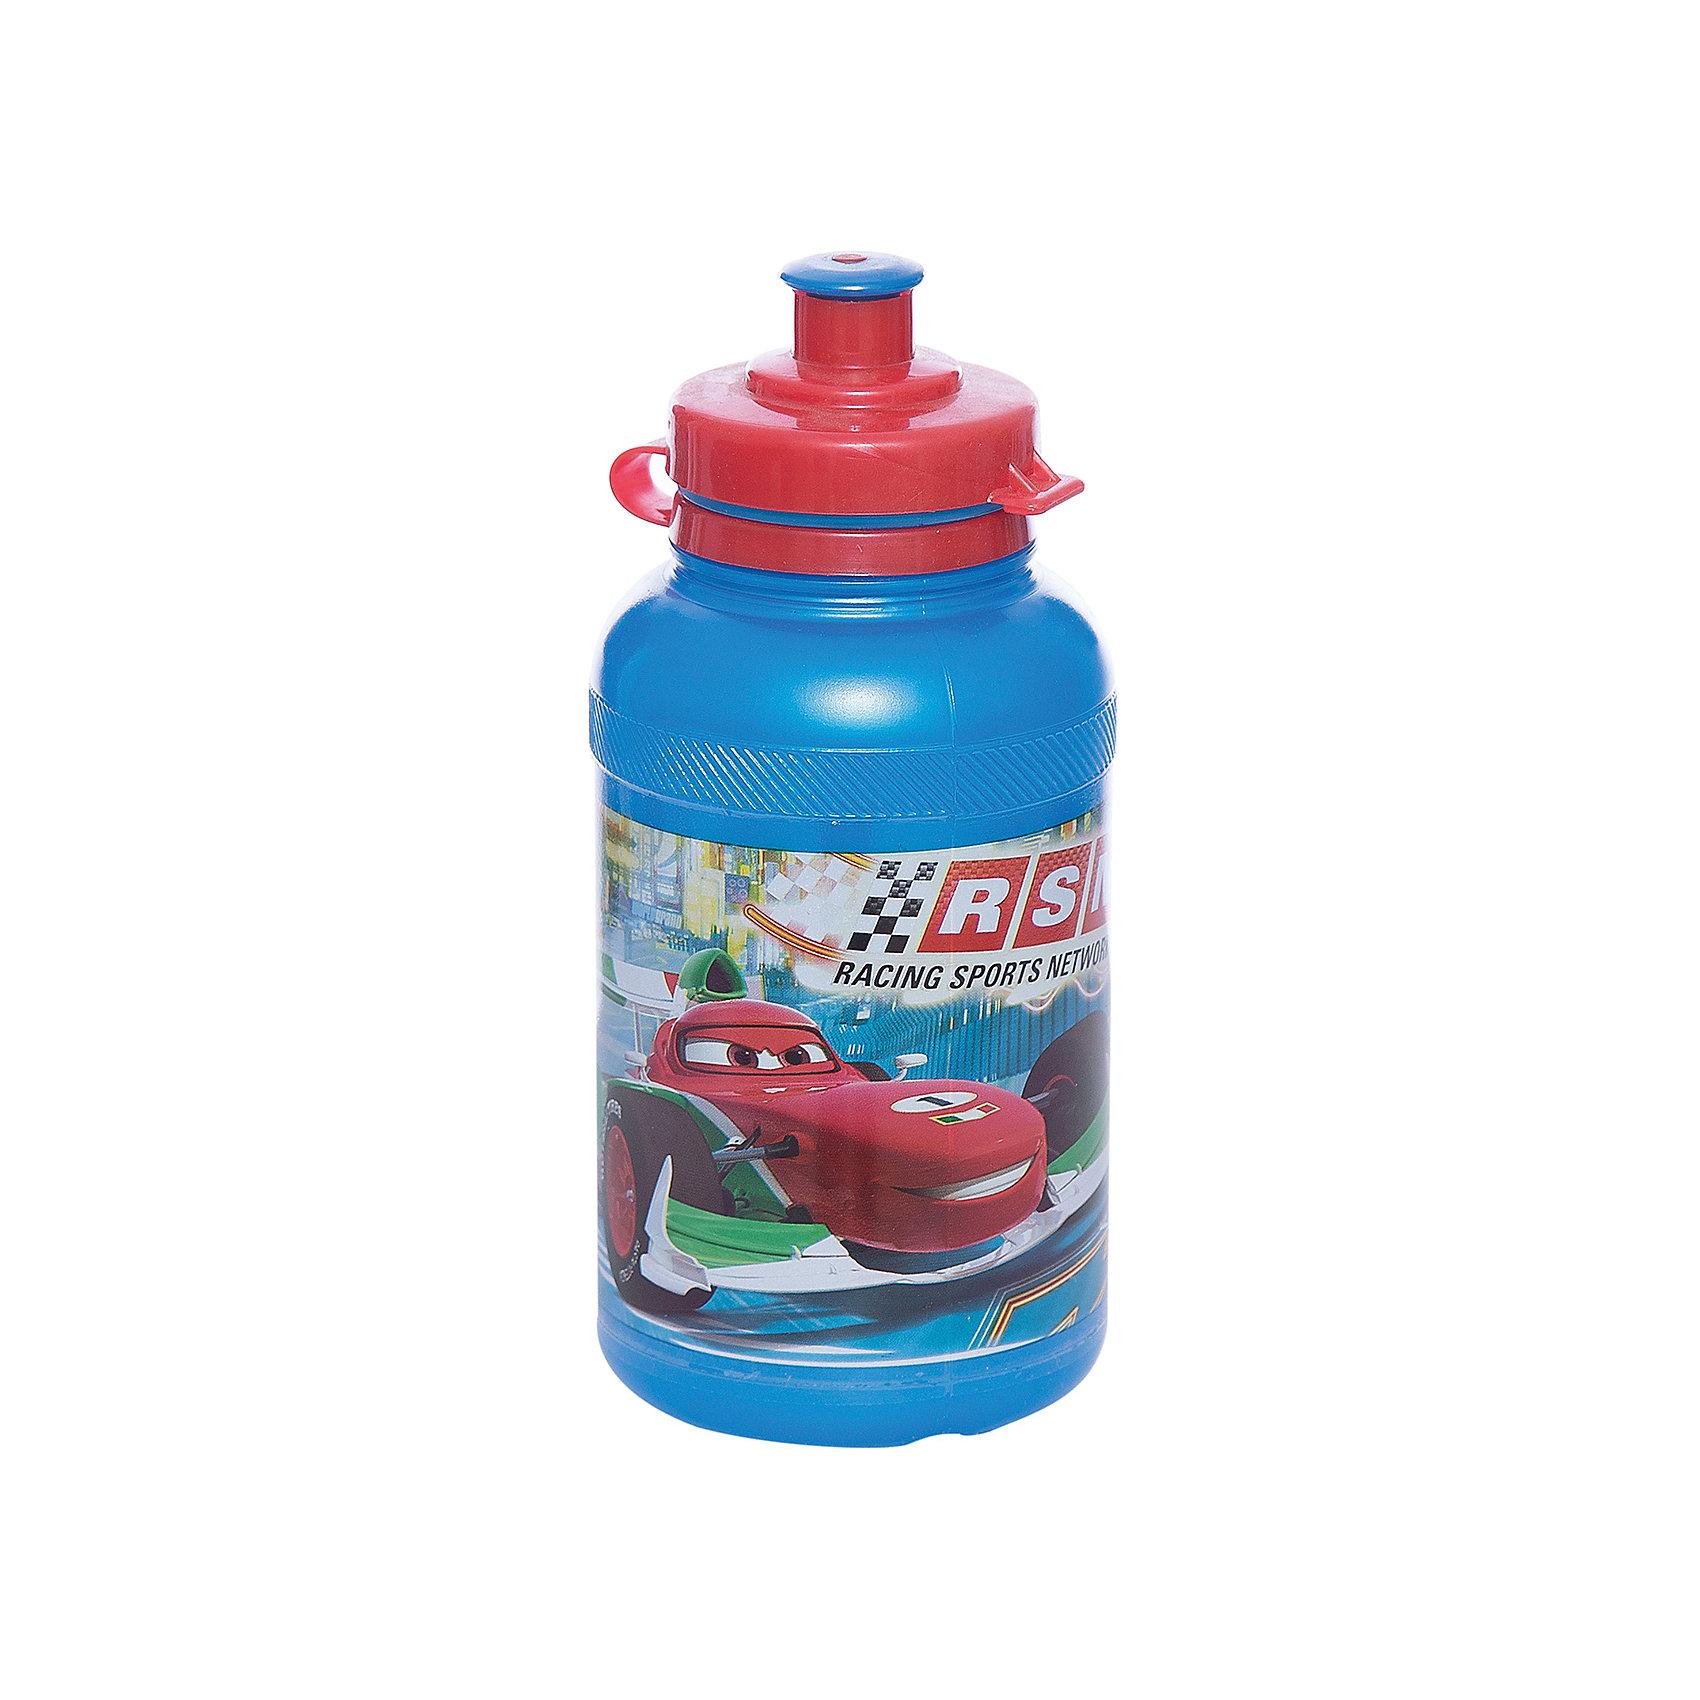 Бутылка пластиковая Тачки 400 млБутылки для воды и бутербродницы<br>Характеристики товара:<br><br>• материал: пластик<br>• украшена рисунком<br>• размер: 6,5х6,5х15 см<br>• вес: 40 г<br>• объем: 400 мл<br>• страна бренда: Испания<br>• страна производства: Китай<br><br>Такая бутылка станет отличным подарком для ребенка! Она отличается тем, что на предмете изображены персонажи из мультфильма Тачки. Есть или пить из предметов с любимым героем многих современных детей - всегда приятнее. Бутылочка очень удобна, объем оптимален для детей, сюда как раз вместится необходимый для одной тренировки объем воды. Плюс - изделие дополнено специальной крышкой. Использовать его можно и в школе, и на улице!<br>Бутылка выпущена в удобном формате, размер - универсальный. Изделие производится из качественных и проверенных материалов, которые безопасны для детей.<br><br>Бутылку пластиковую Тачки 400 мл можно купить в нашем интернет-магазине.<br><br>Ширина мм: 65<br>Глубина мм: 65<br>Высота мм: 150<br>Вес г: 40<br>Возраст от месяцев: 36<br>Возраст до месяцев: 108<br>Пол: Мужской<br>Возраст: Детский<br>SKU: 5282075